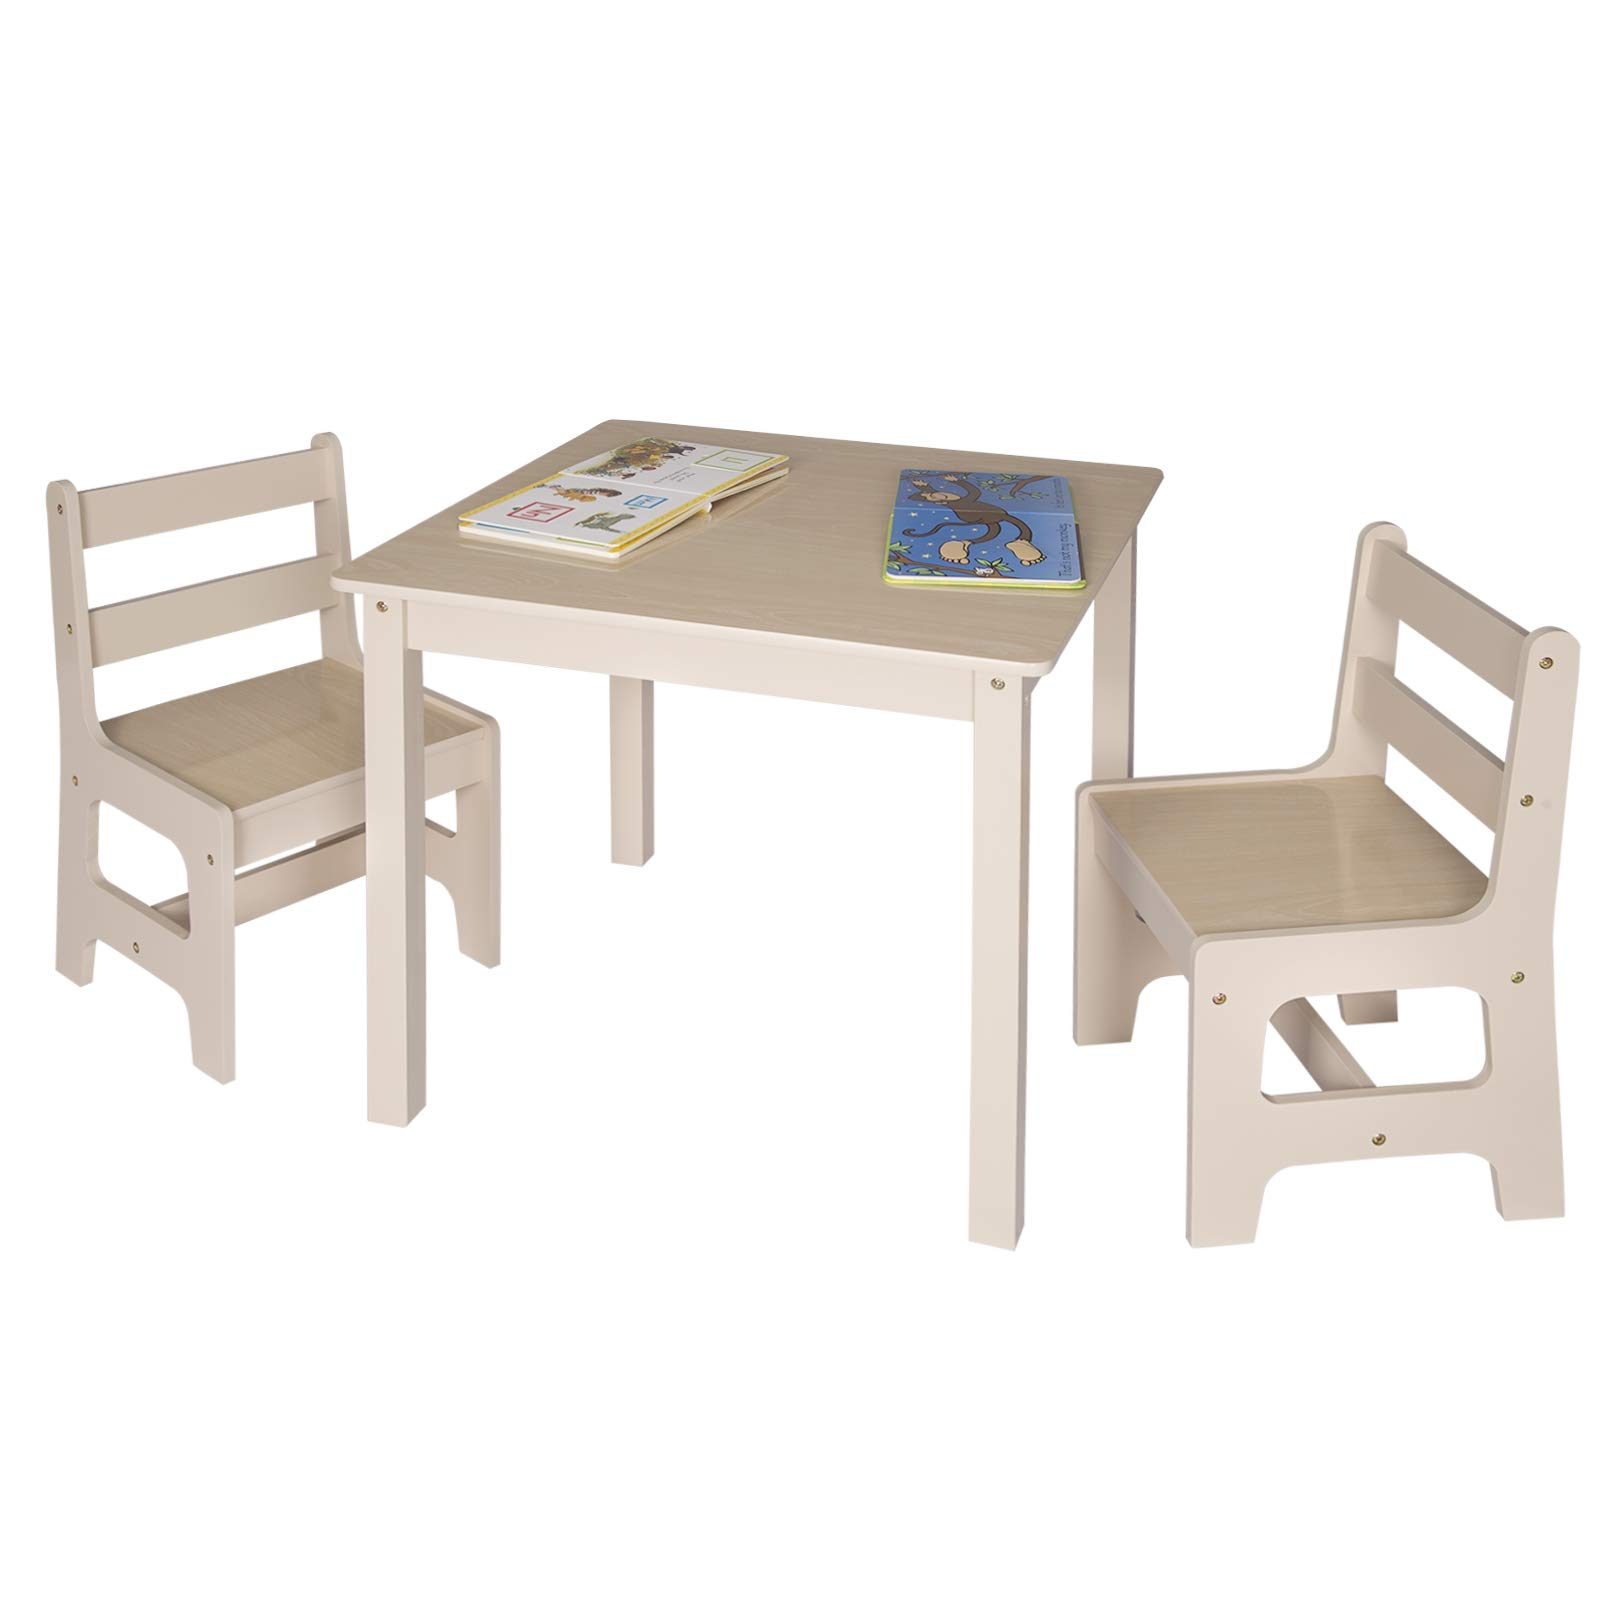 WOLTU 3 uds. Grupo de Asientos para Niños Mesa y 2 Sillas en Edad Preescolar Muebles para Niños SG001: Amazon.es: Hogar